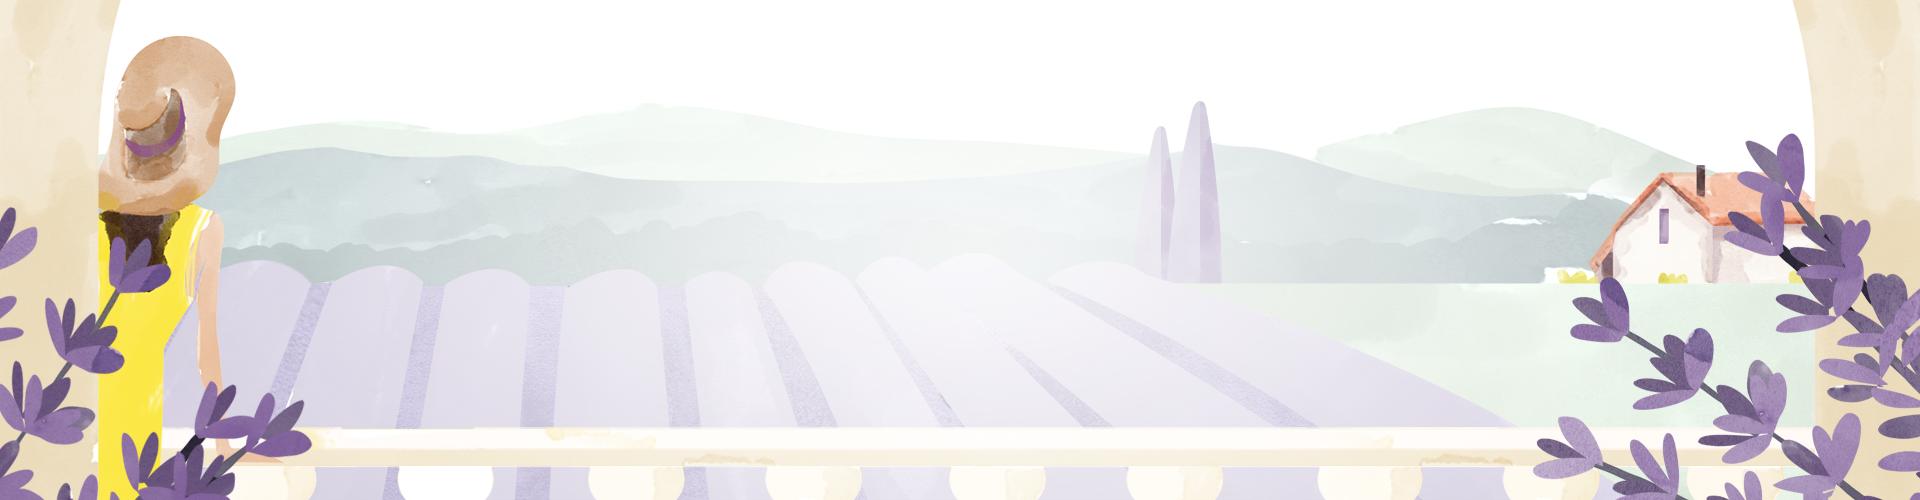 La Compagnie des Lavandières prend soin de vous et de votre domicile : ménage, repassage, entretien du ligne, préparation aux repas, gestion des courses...ect